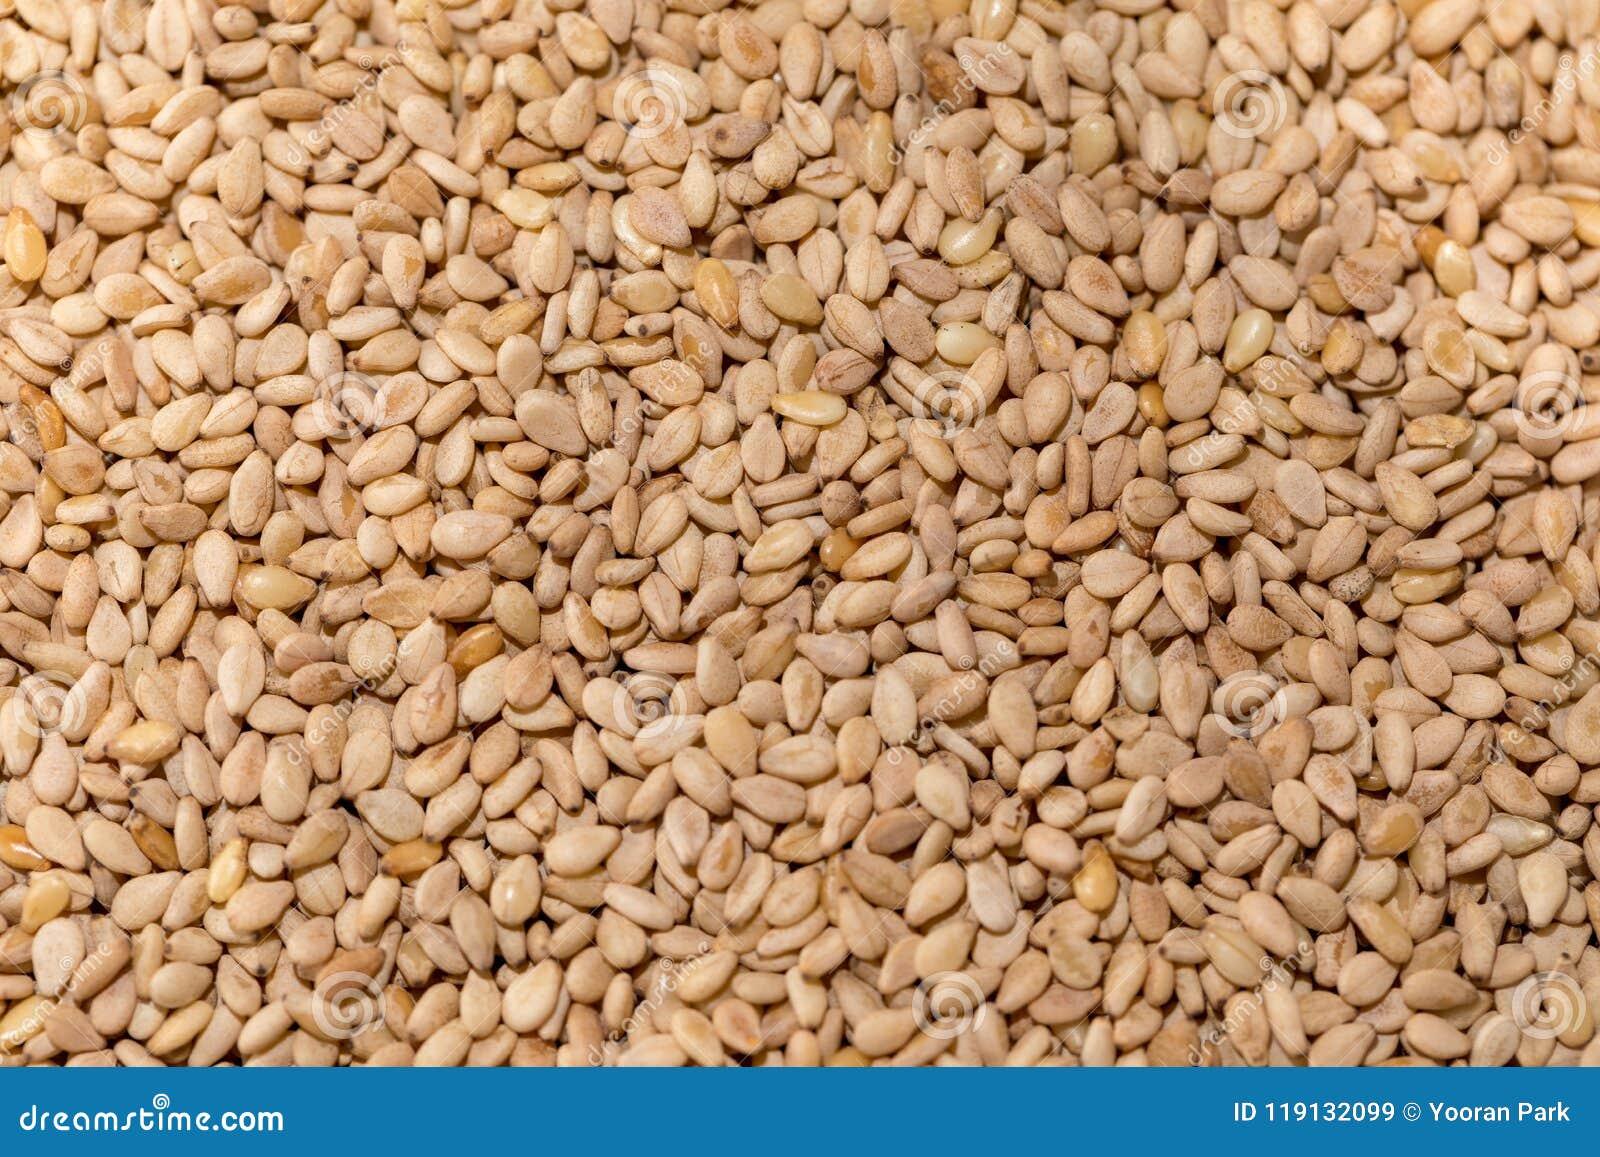 Geröstete Samen des indischen Sesams